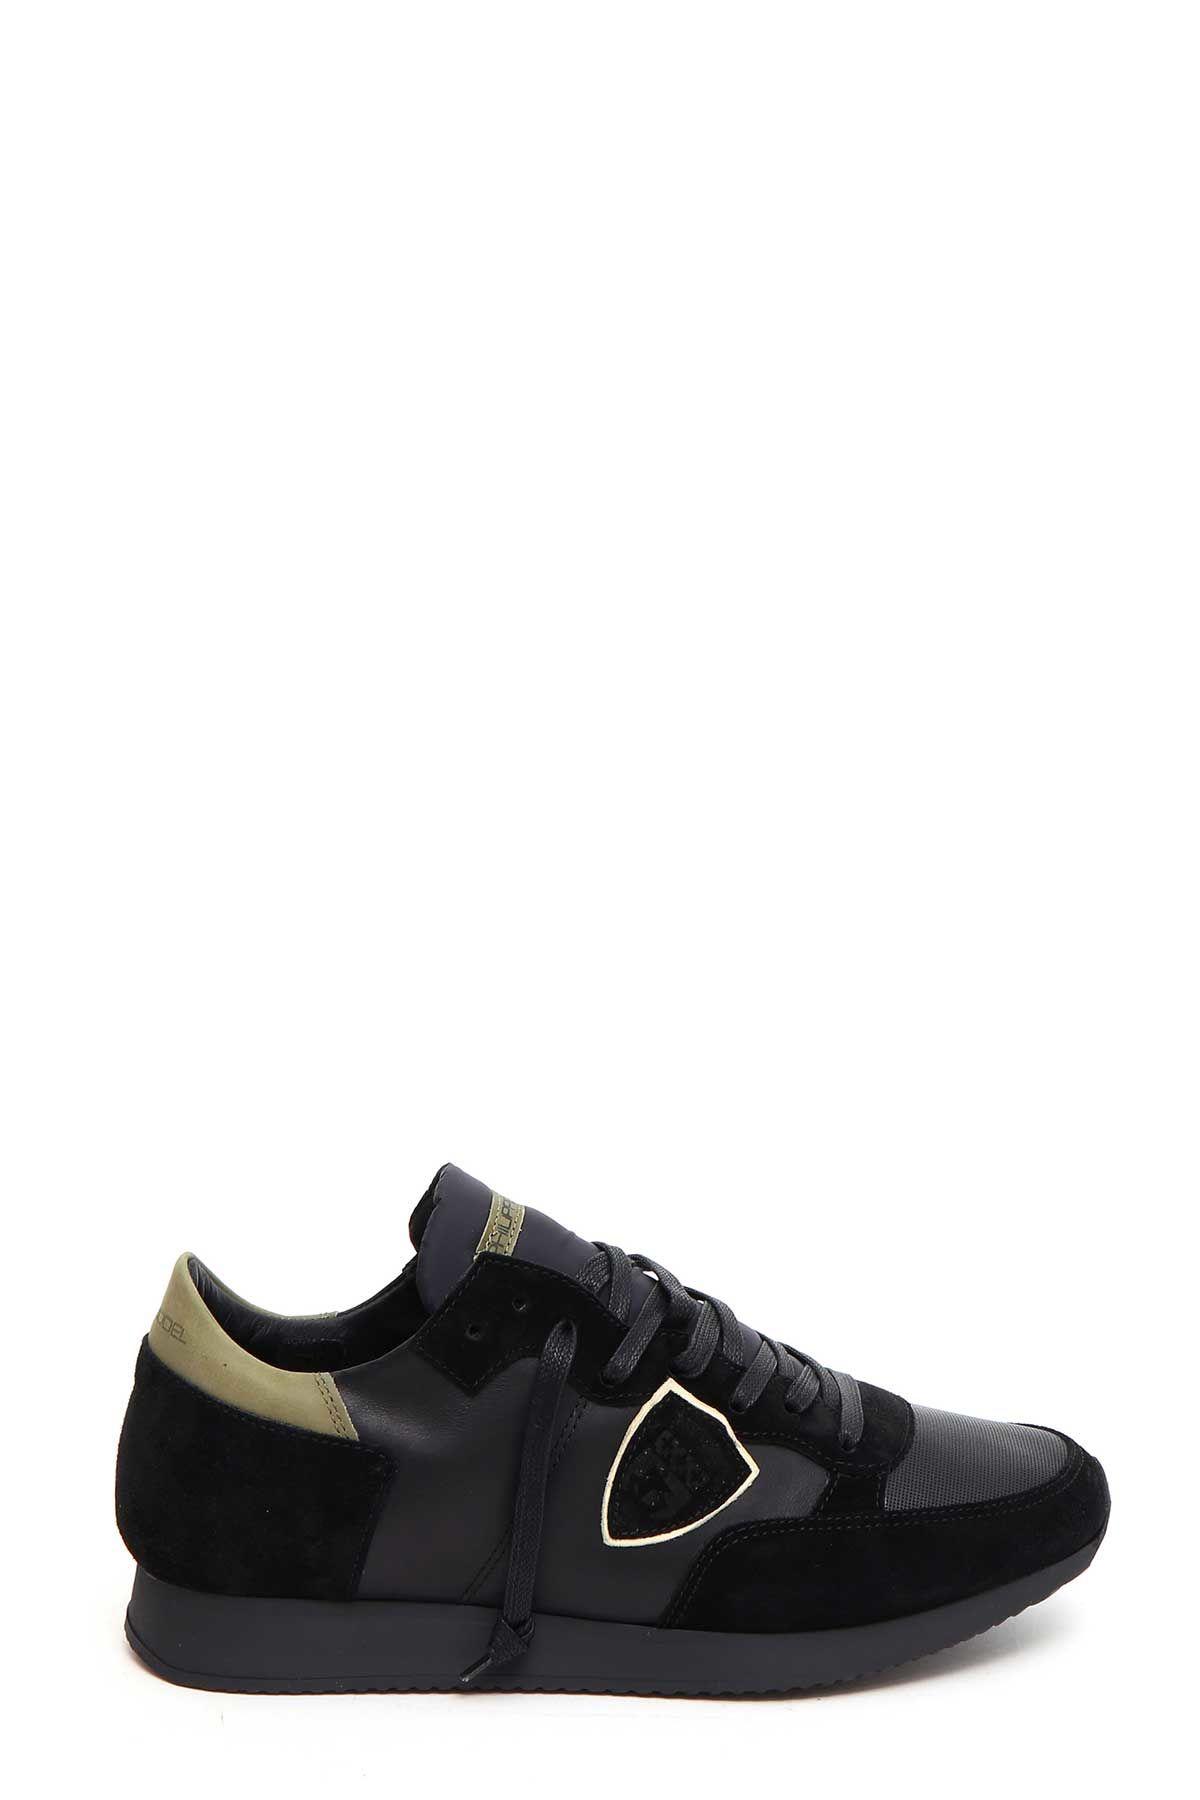 Philippe Model tropez Sneaker